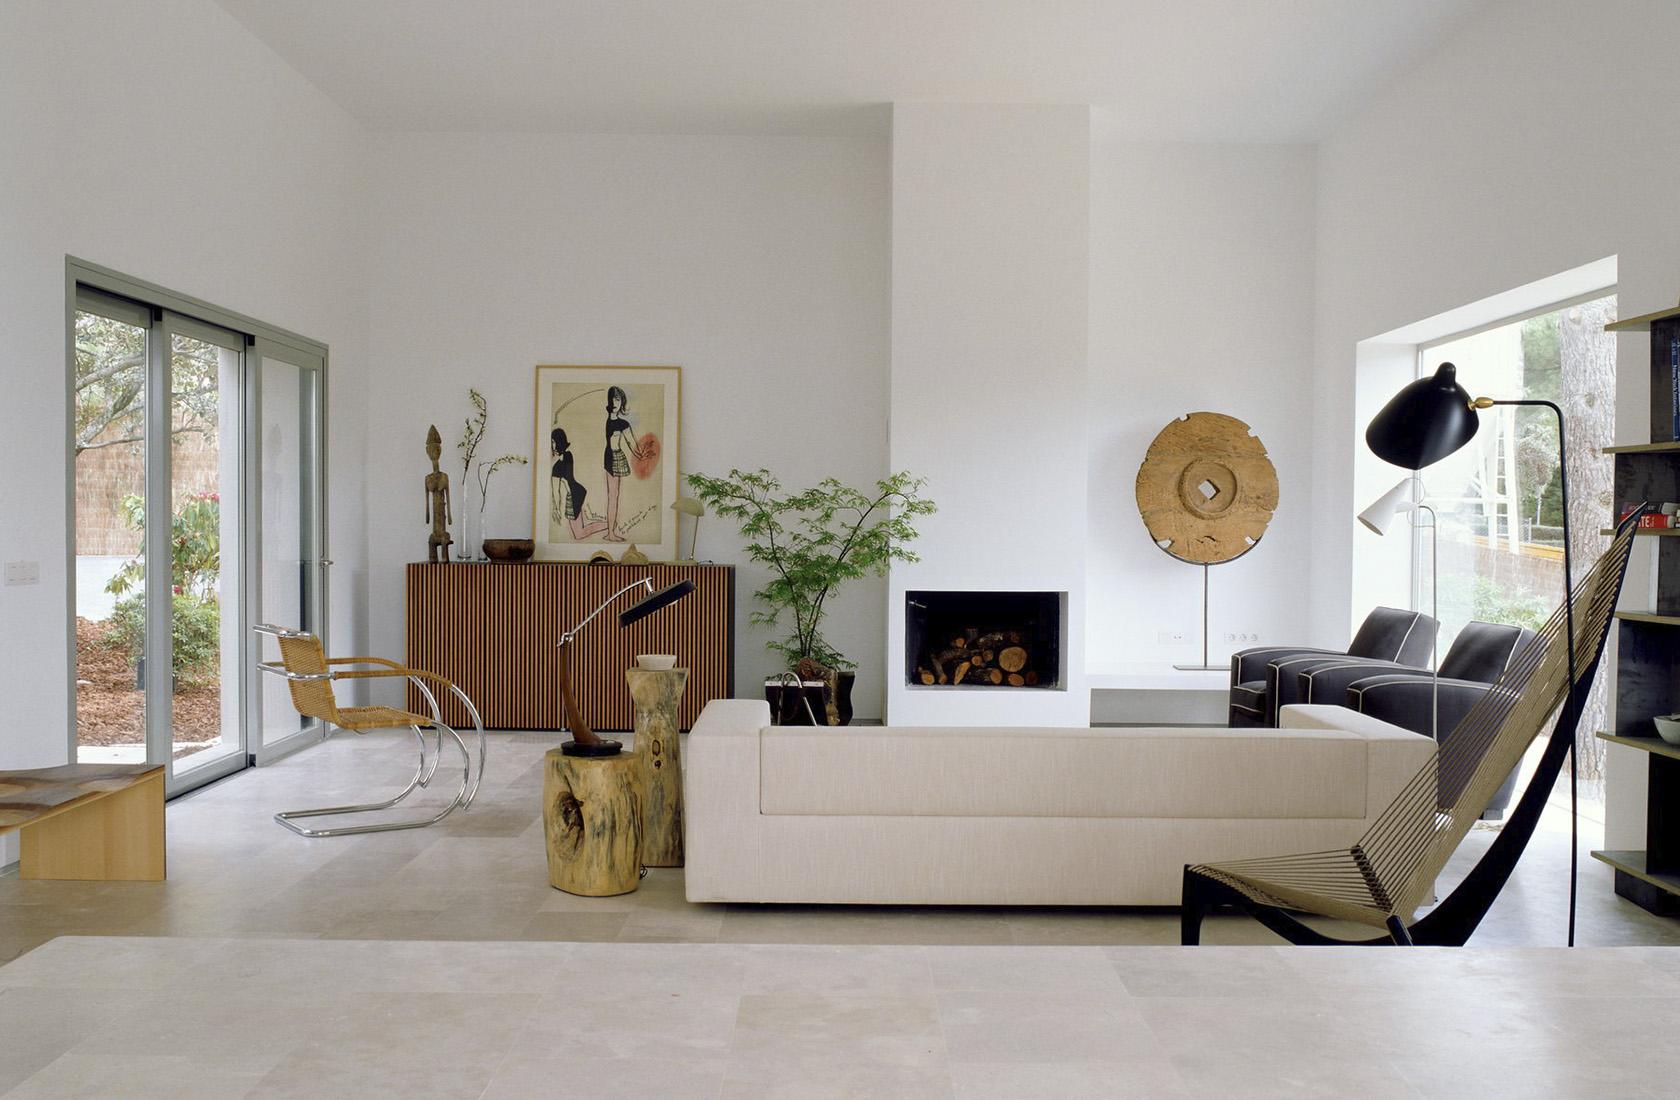 Casa pico salon 01